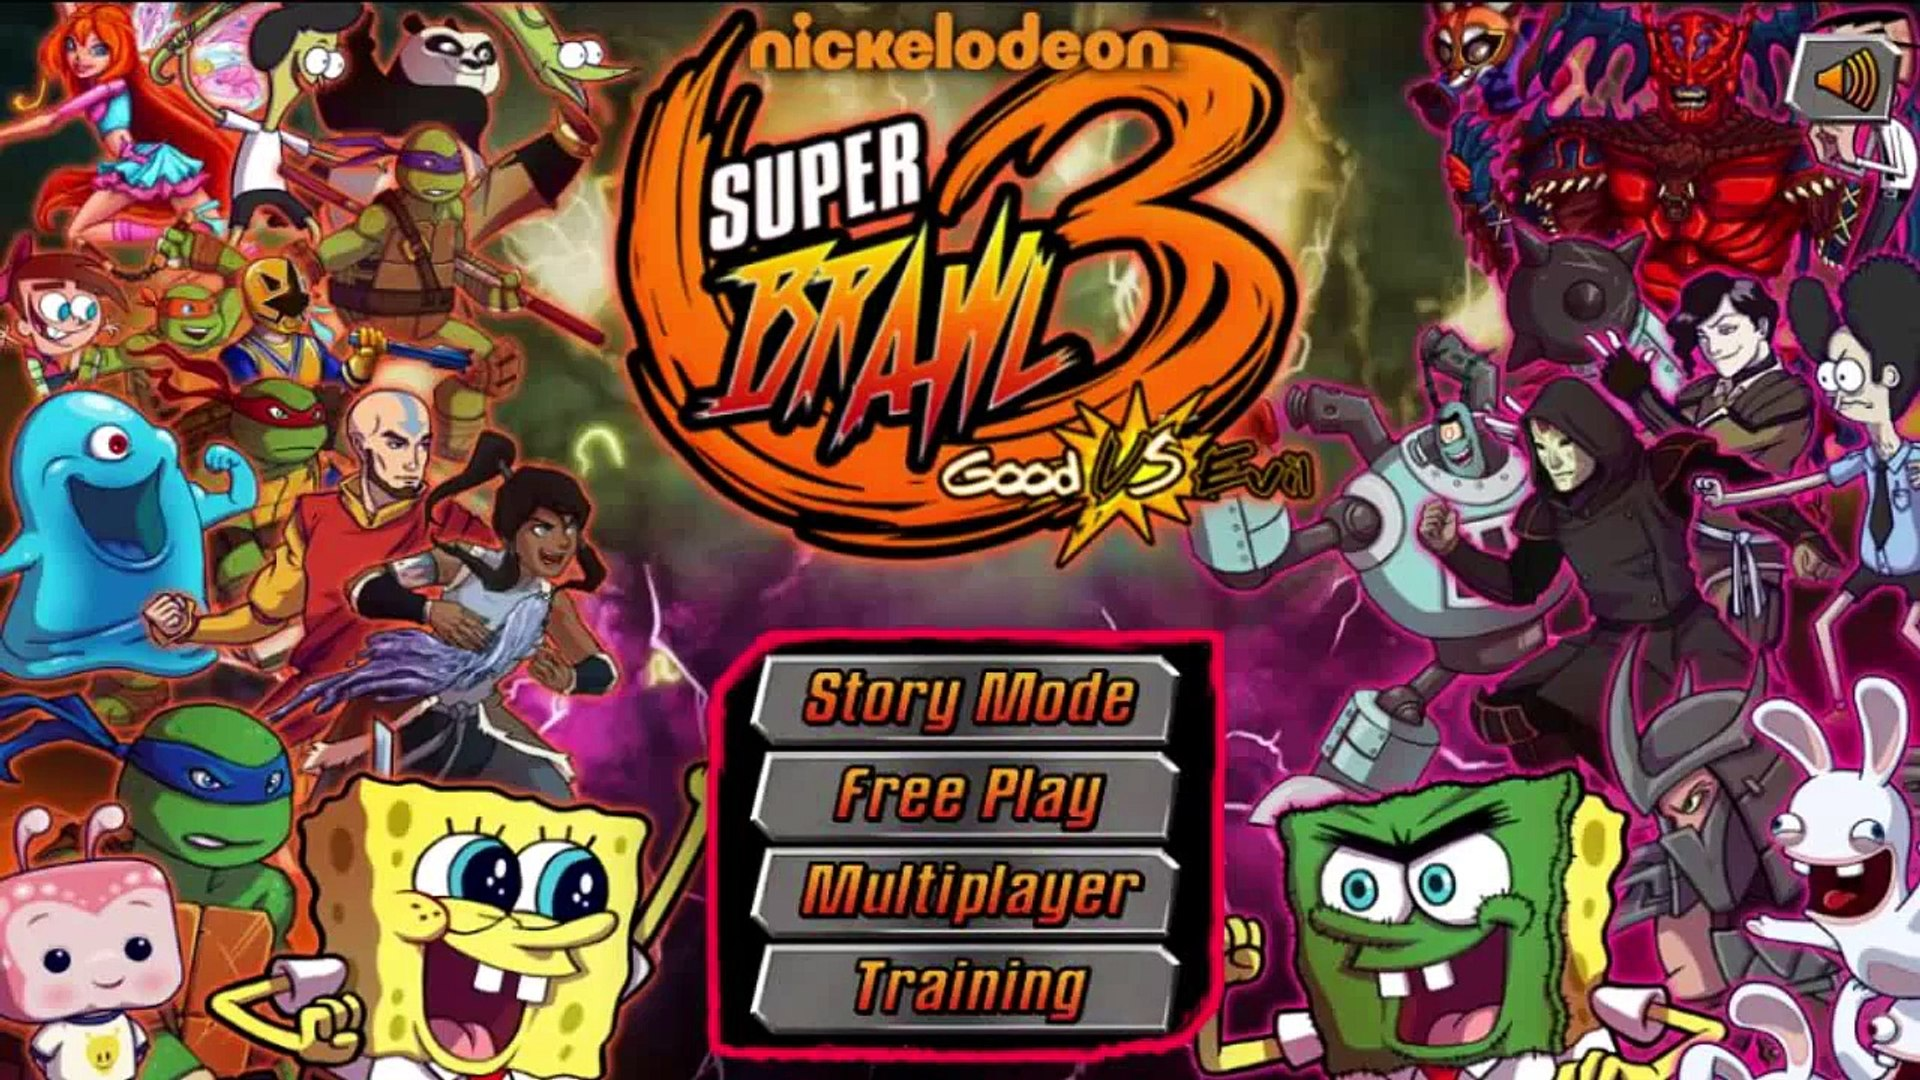 SpongeBob SquarePants: Super Brawl 3 - Nickelodeon Games